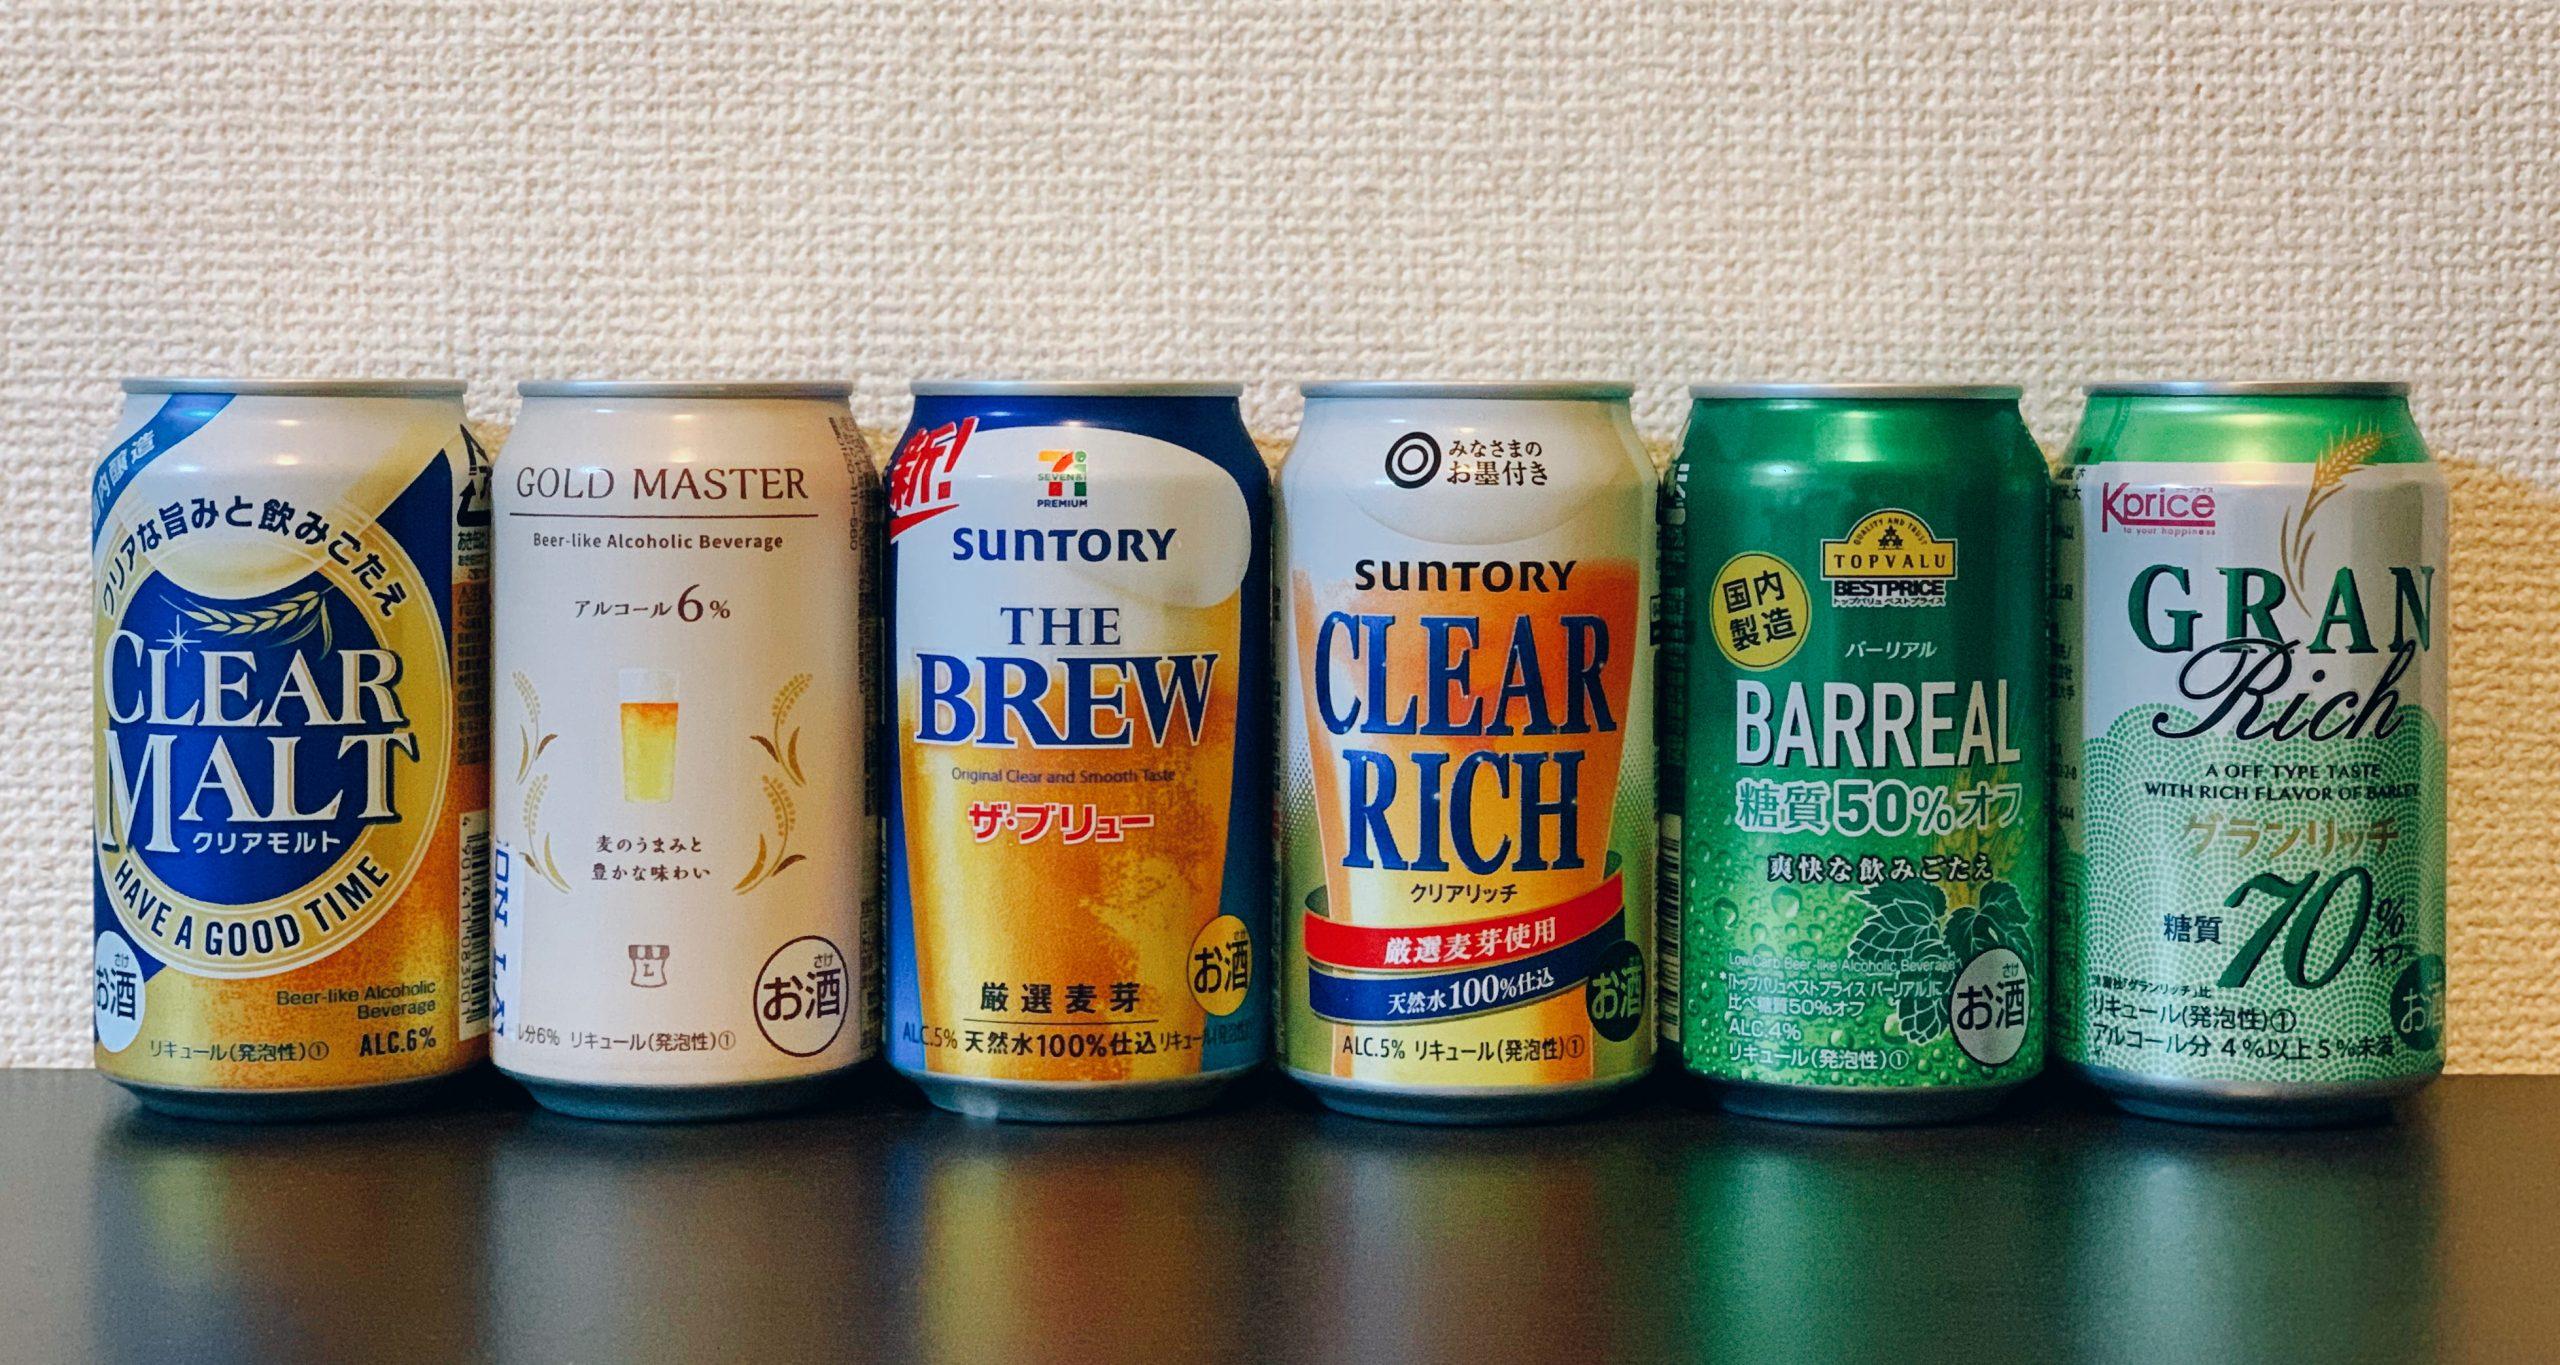 家飲み拡大で人気のビール系新ジャンル プライベートブランド6品を比較検証